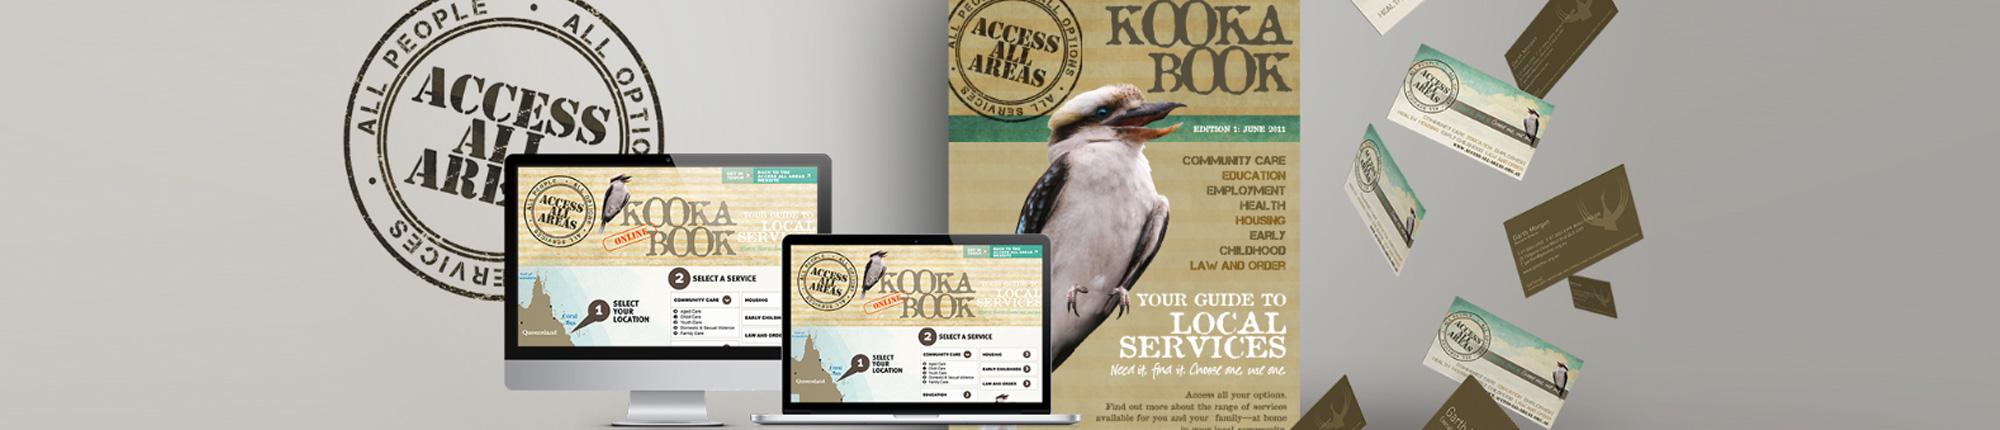 kooka-book.jpg